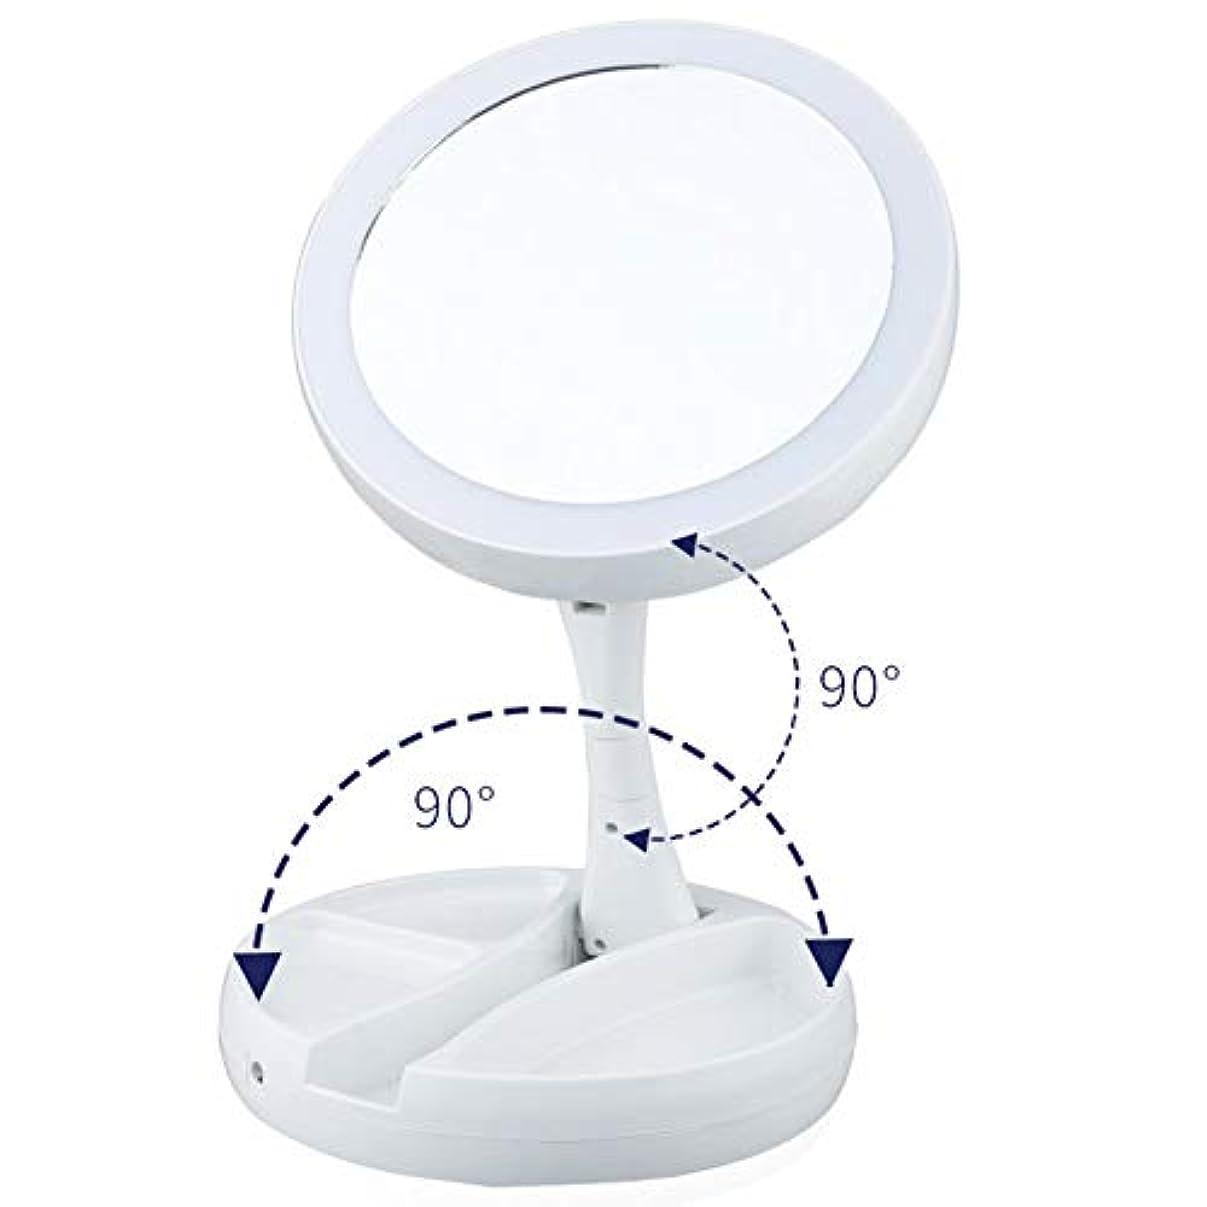 評価けん引途方もないコンパクト ミラー化粧鏡、10x虫眼鏡充電折りたたみ式底部ストレージ、バッテリー付きの360°回転蛍光灯とUSB充電 ミラー メイク